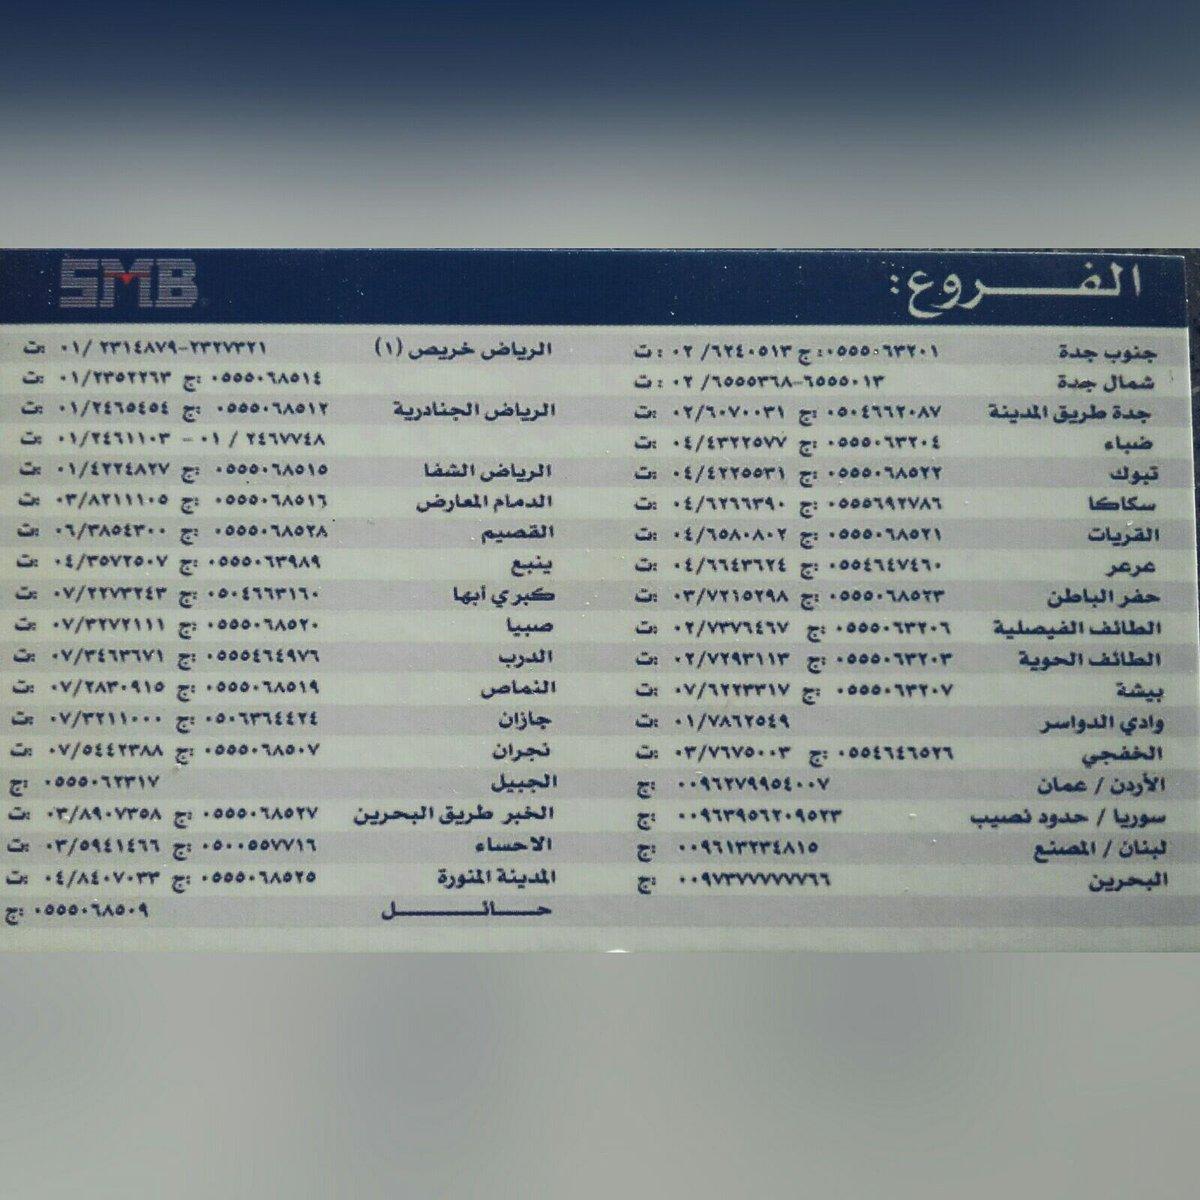 Smb Saudi Smb Twitter